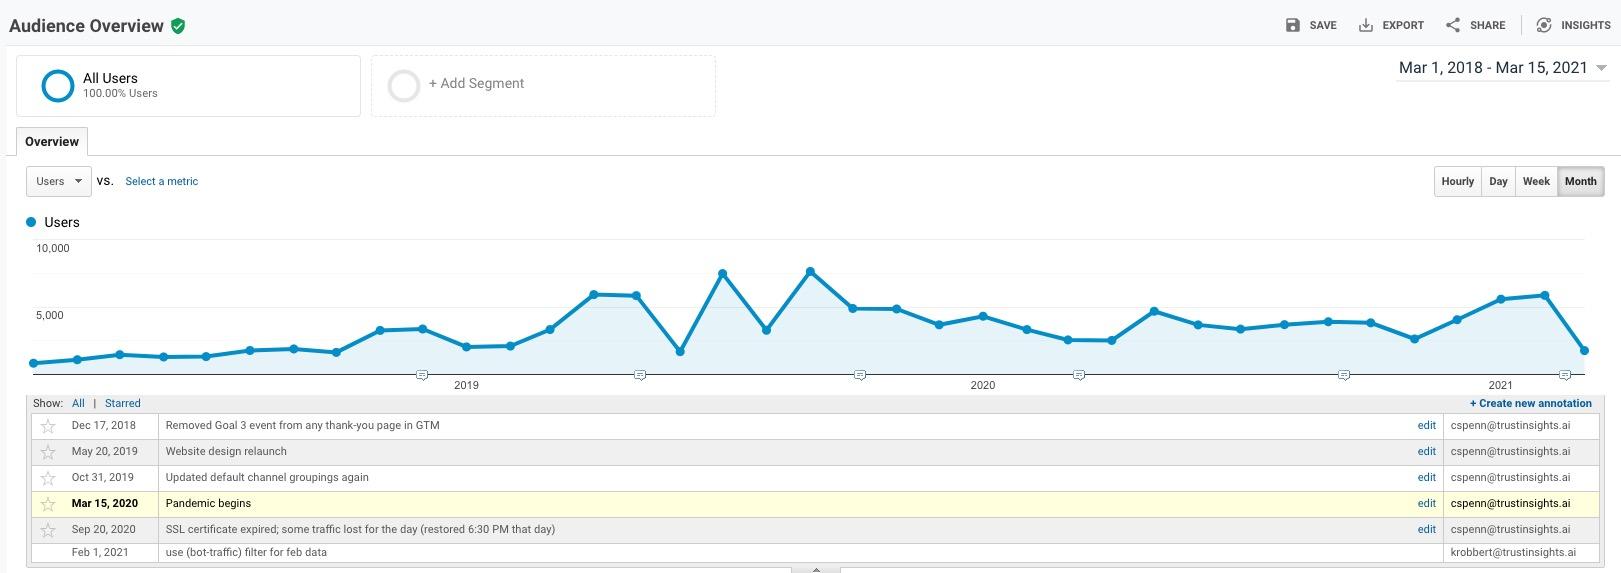 Google Analytics for 3 years